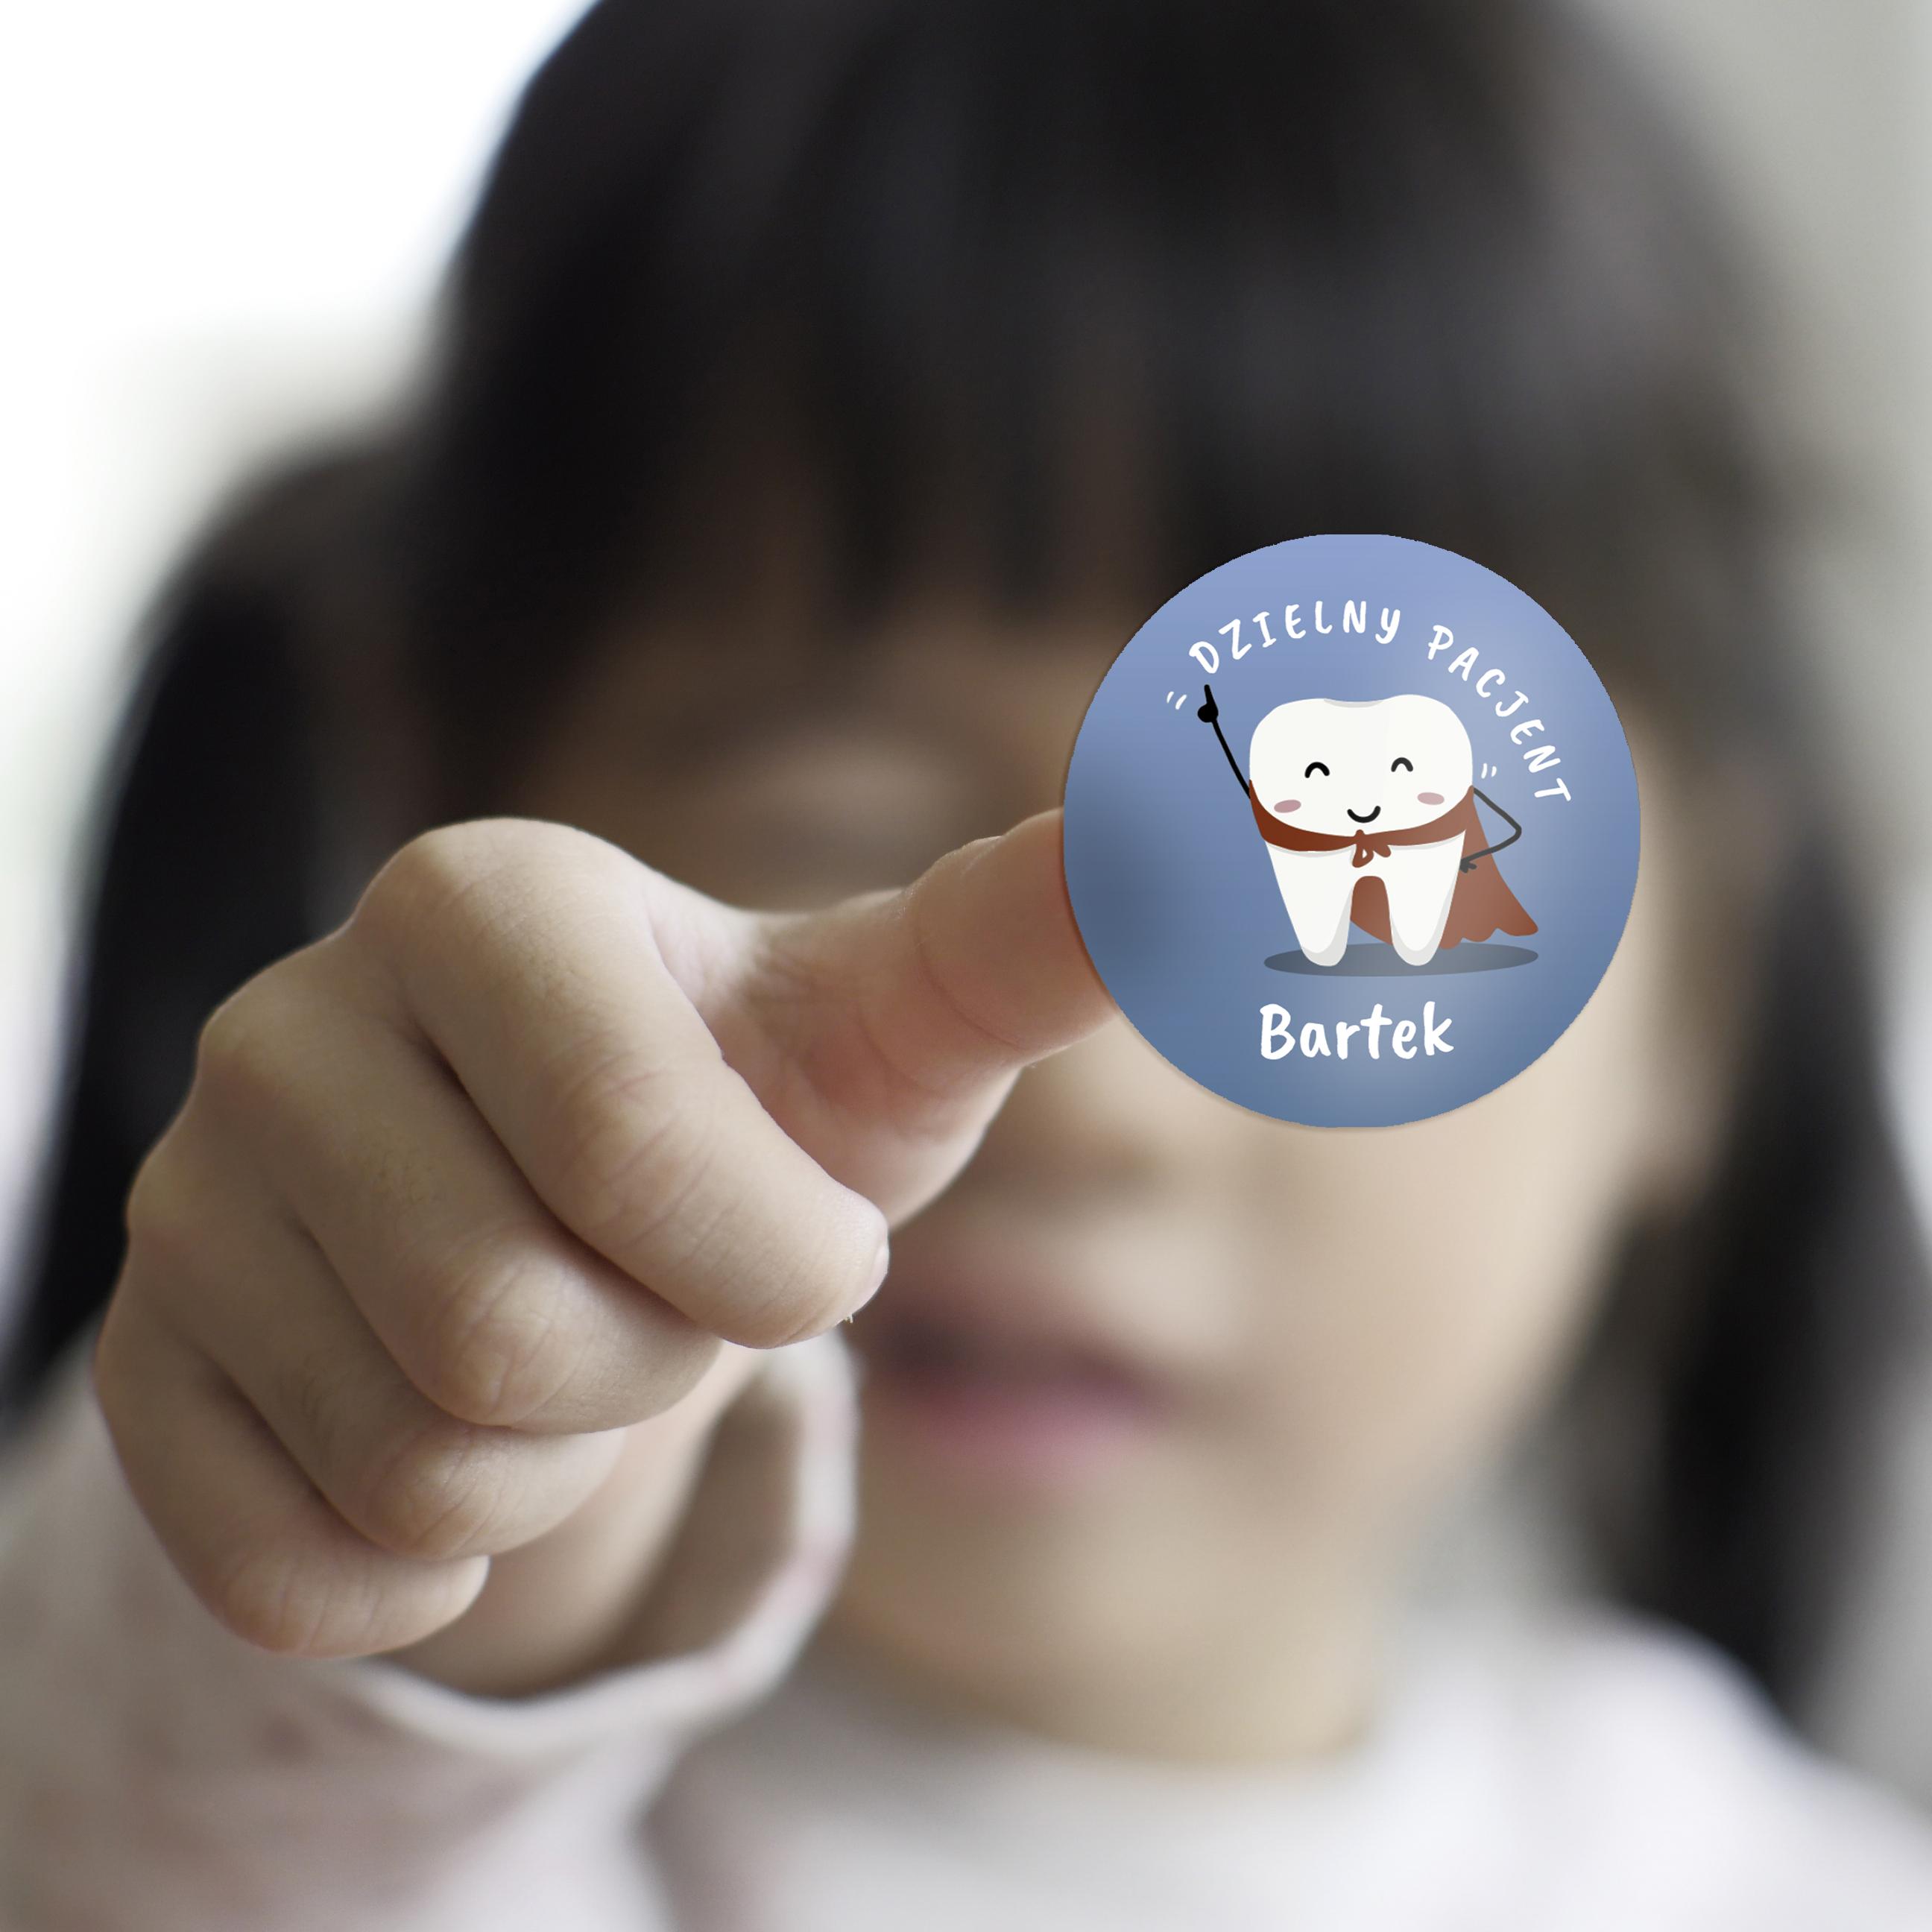 Naklejki dzielny pacjent dla dzieci z imieniem super ząbki